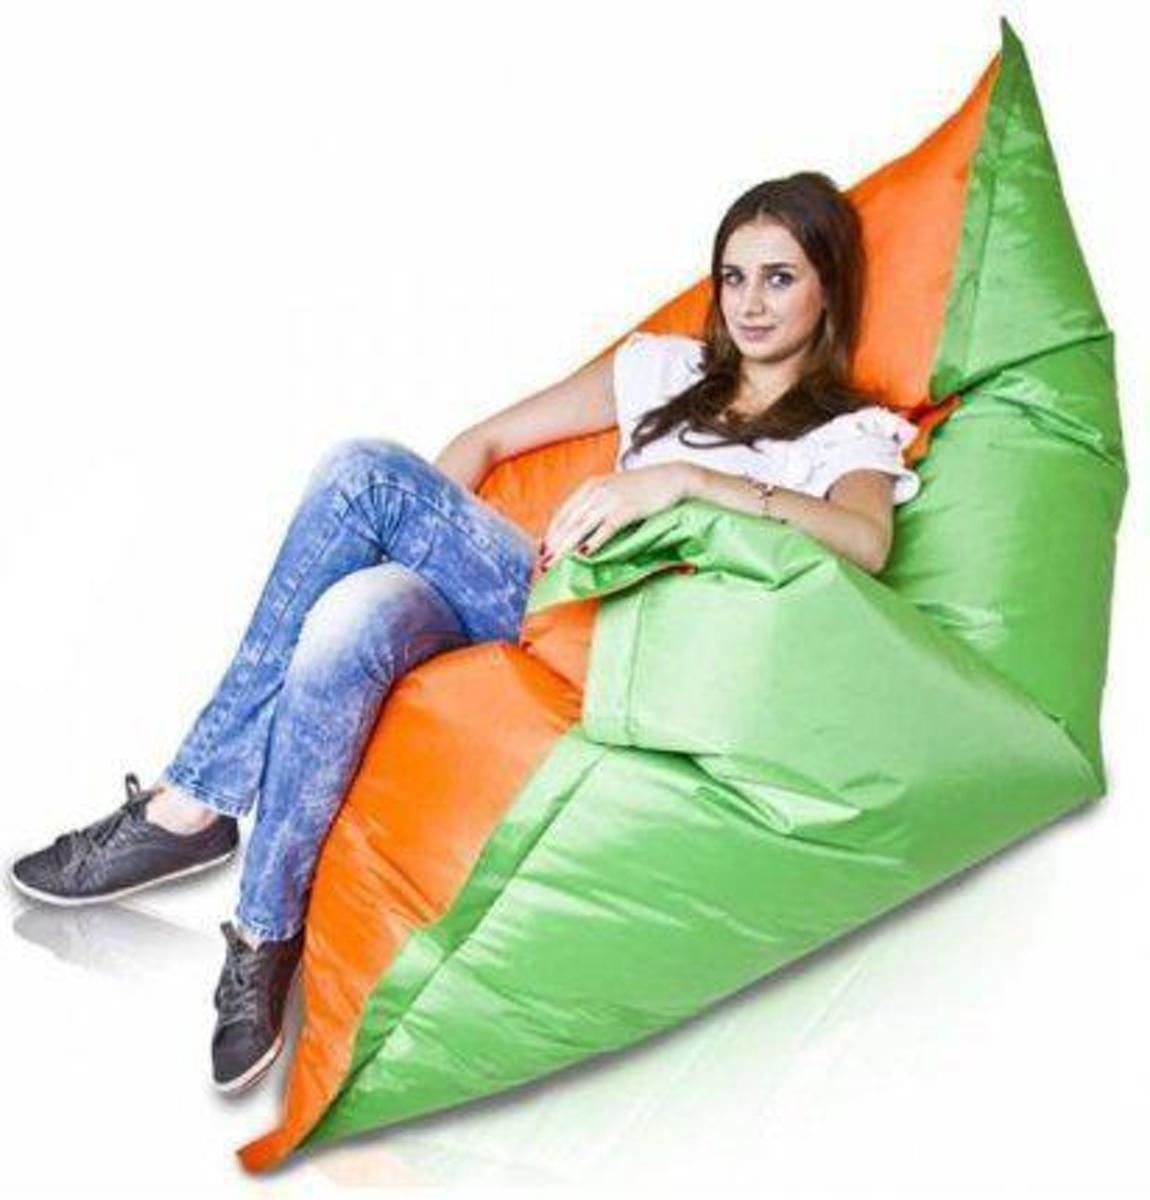 Bomba Colori - Zitzak - Vierkant - 175x135 cm - Nylon - Groen/oranje kopen